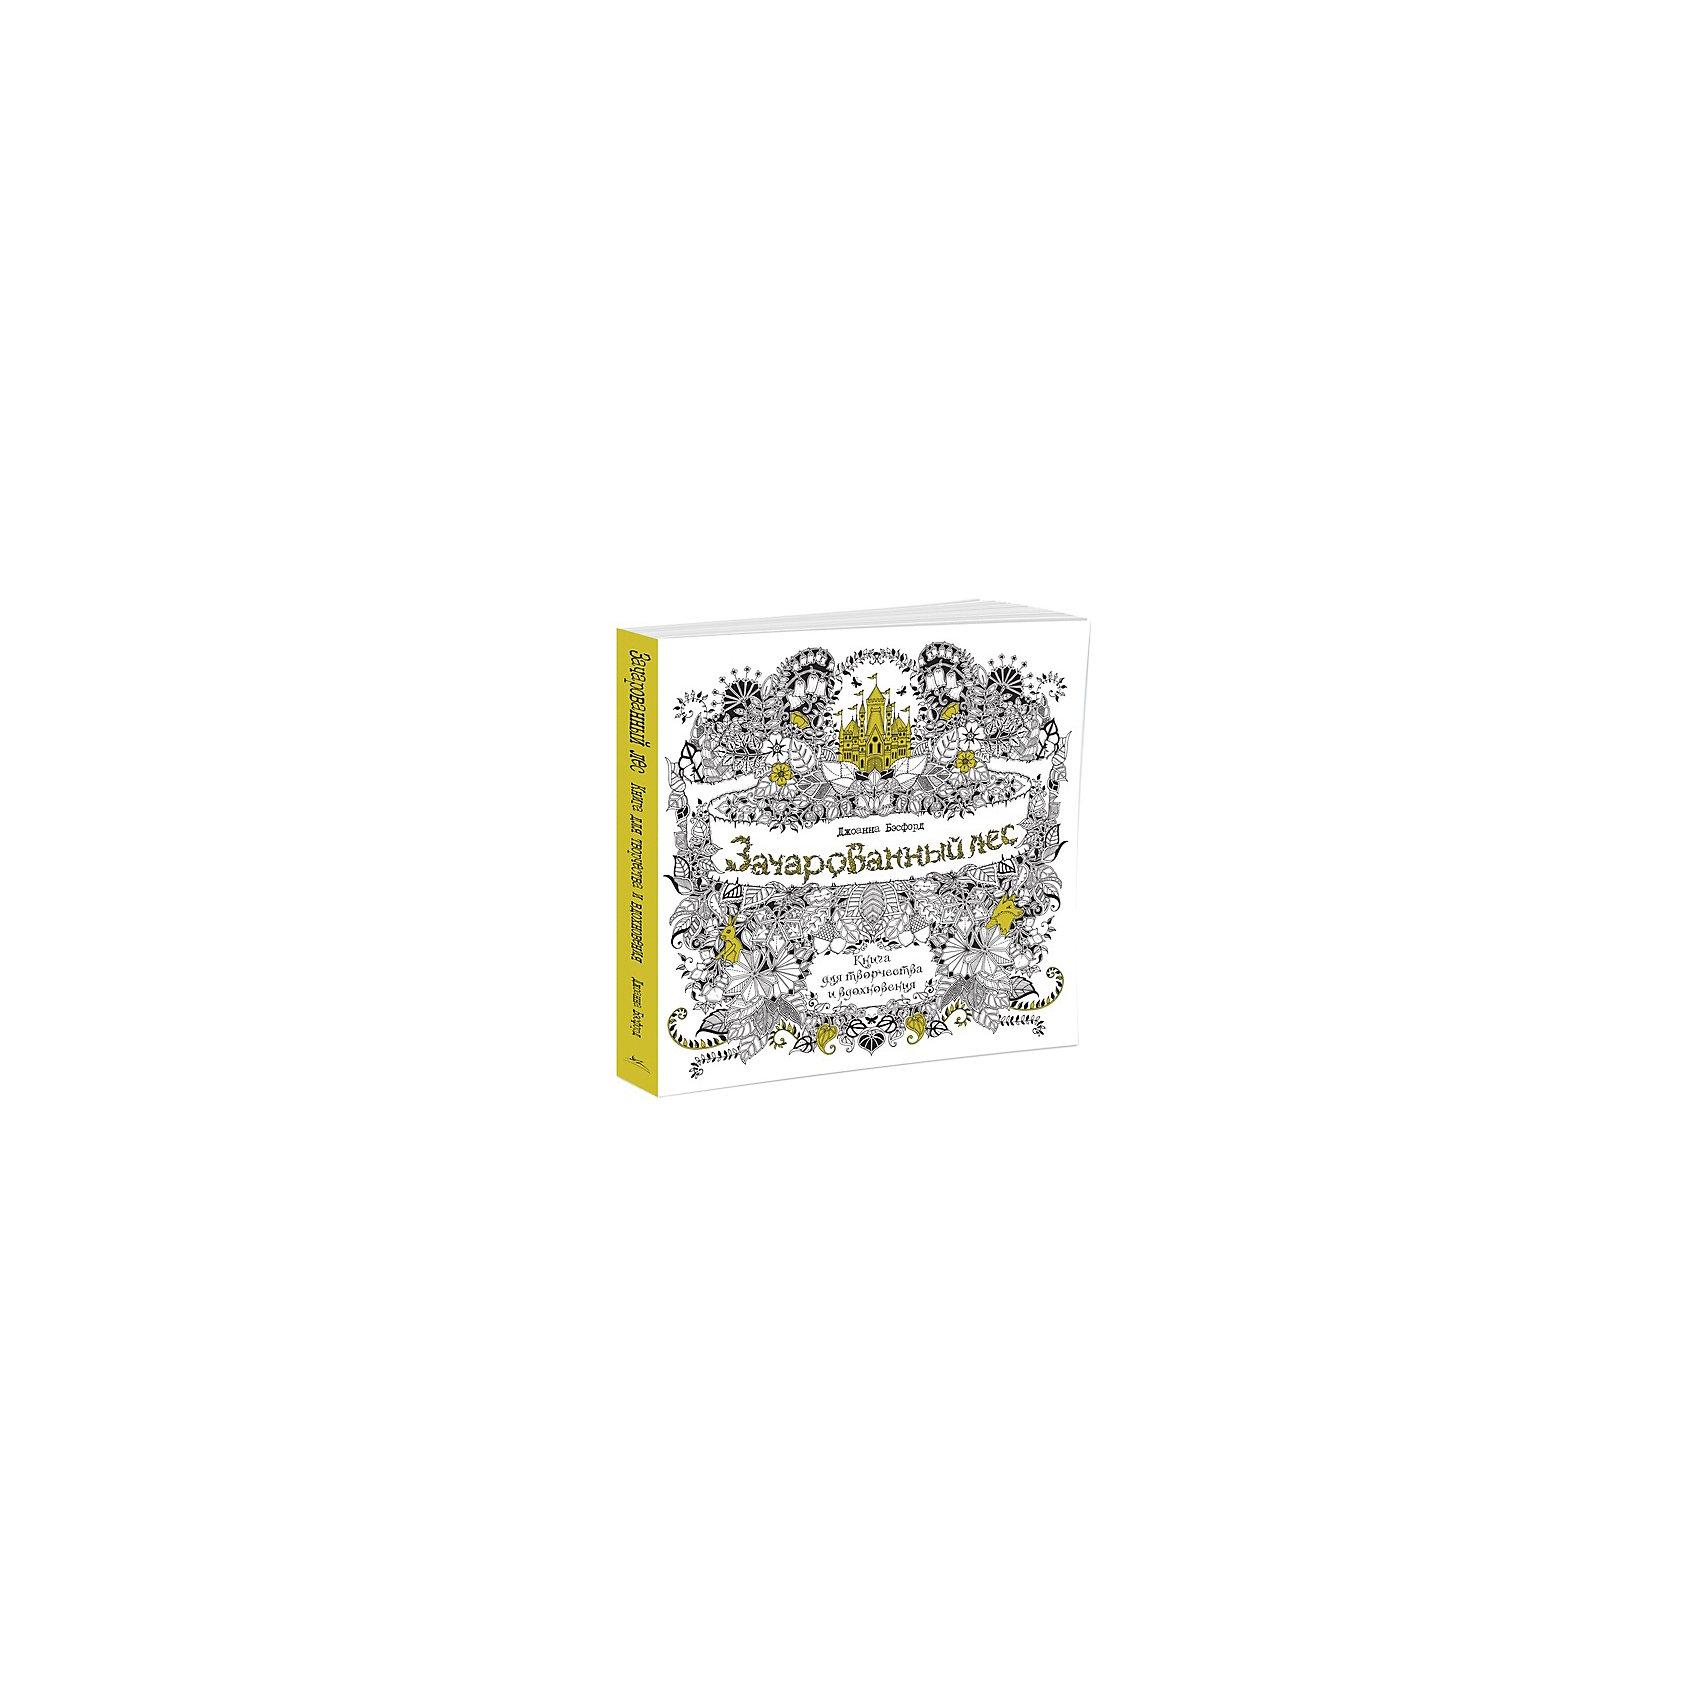 Раскраска-антистресс Зачарованный лес, MACHAONРисование<br>Книга Зачарованный лес.<br><br>Характеристики:<br><br>• Автор: Бэсфорд Джоанна<br>• Художник: Бэсфорд Джоанна<br>• Редактор: Фесенко О. Г.<br>• Издательство: КоЛибри<br>• Тип обложки: мягкий переплет (крепление скрепкой или клеем)<br>• Иллюстрации: черно-белые<br>• Количество страниц: 96 (офсет)<br>• Размер: 250х250х11 мм.<br>• Вес: 325 гр.<br>• ISBN: 9785389106666<br><br>Раскраски для взрослых завоевали мир! Волшебное, вдохновляющее путешествие от дневных забот в мир творчества. Работы Джоанны Бэсфорд случайно нашла редактор английского издательства LAURENCE KING и обратила внимания на восторженные отзывы в блоге художницы. Так родилась идея создания оригинальной раскраски для взрослых. Выпустив книгу и поверив в успех, издатель не ошибся. За несколько месяцев «Таинственный сад» был продан тиражом более 1 000 000 экз. Настоящим открытием и синонимом успеха стал новый тренд, который определил и новый вид книжной продукции – раскраски для взрослых. Вместе с популярным увлечением, который не случайно называют арт-терапия, мир получил и королеву этого направления – Джоанну Бэсфорд. Великолепная книга Джоанны Бэсфорд приглашает в путешествие по Зачарованному лесу. Эти изящные ажурные картинки созданы с помощью пера. Вдохни в них жизнь, сделай многоцветными, оживи красками. Это утешение души и удивительная возможность изысканного и стильного творчества. Зачарованный лес ждет своего создателя!<br><br>Книгу Зачарованный лес можно купить в нашем интернет-магазине.<br><br>Ширина мм: 250<br>Глубина мм: 250<br>Высота мм: 110<br>Вес г: 325<br>Возраст от месяцев: 144<br>Возраст до месяцев: 2147483647<br>Пол: Унисекс<br>Возраст: Детский<br>SKU: 5493531